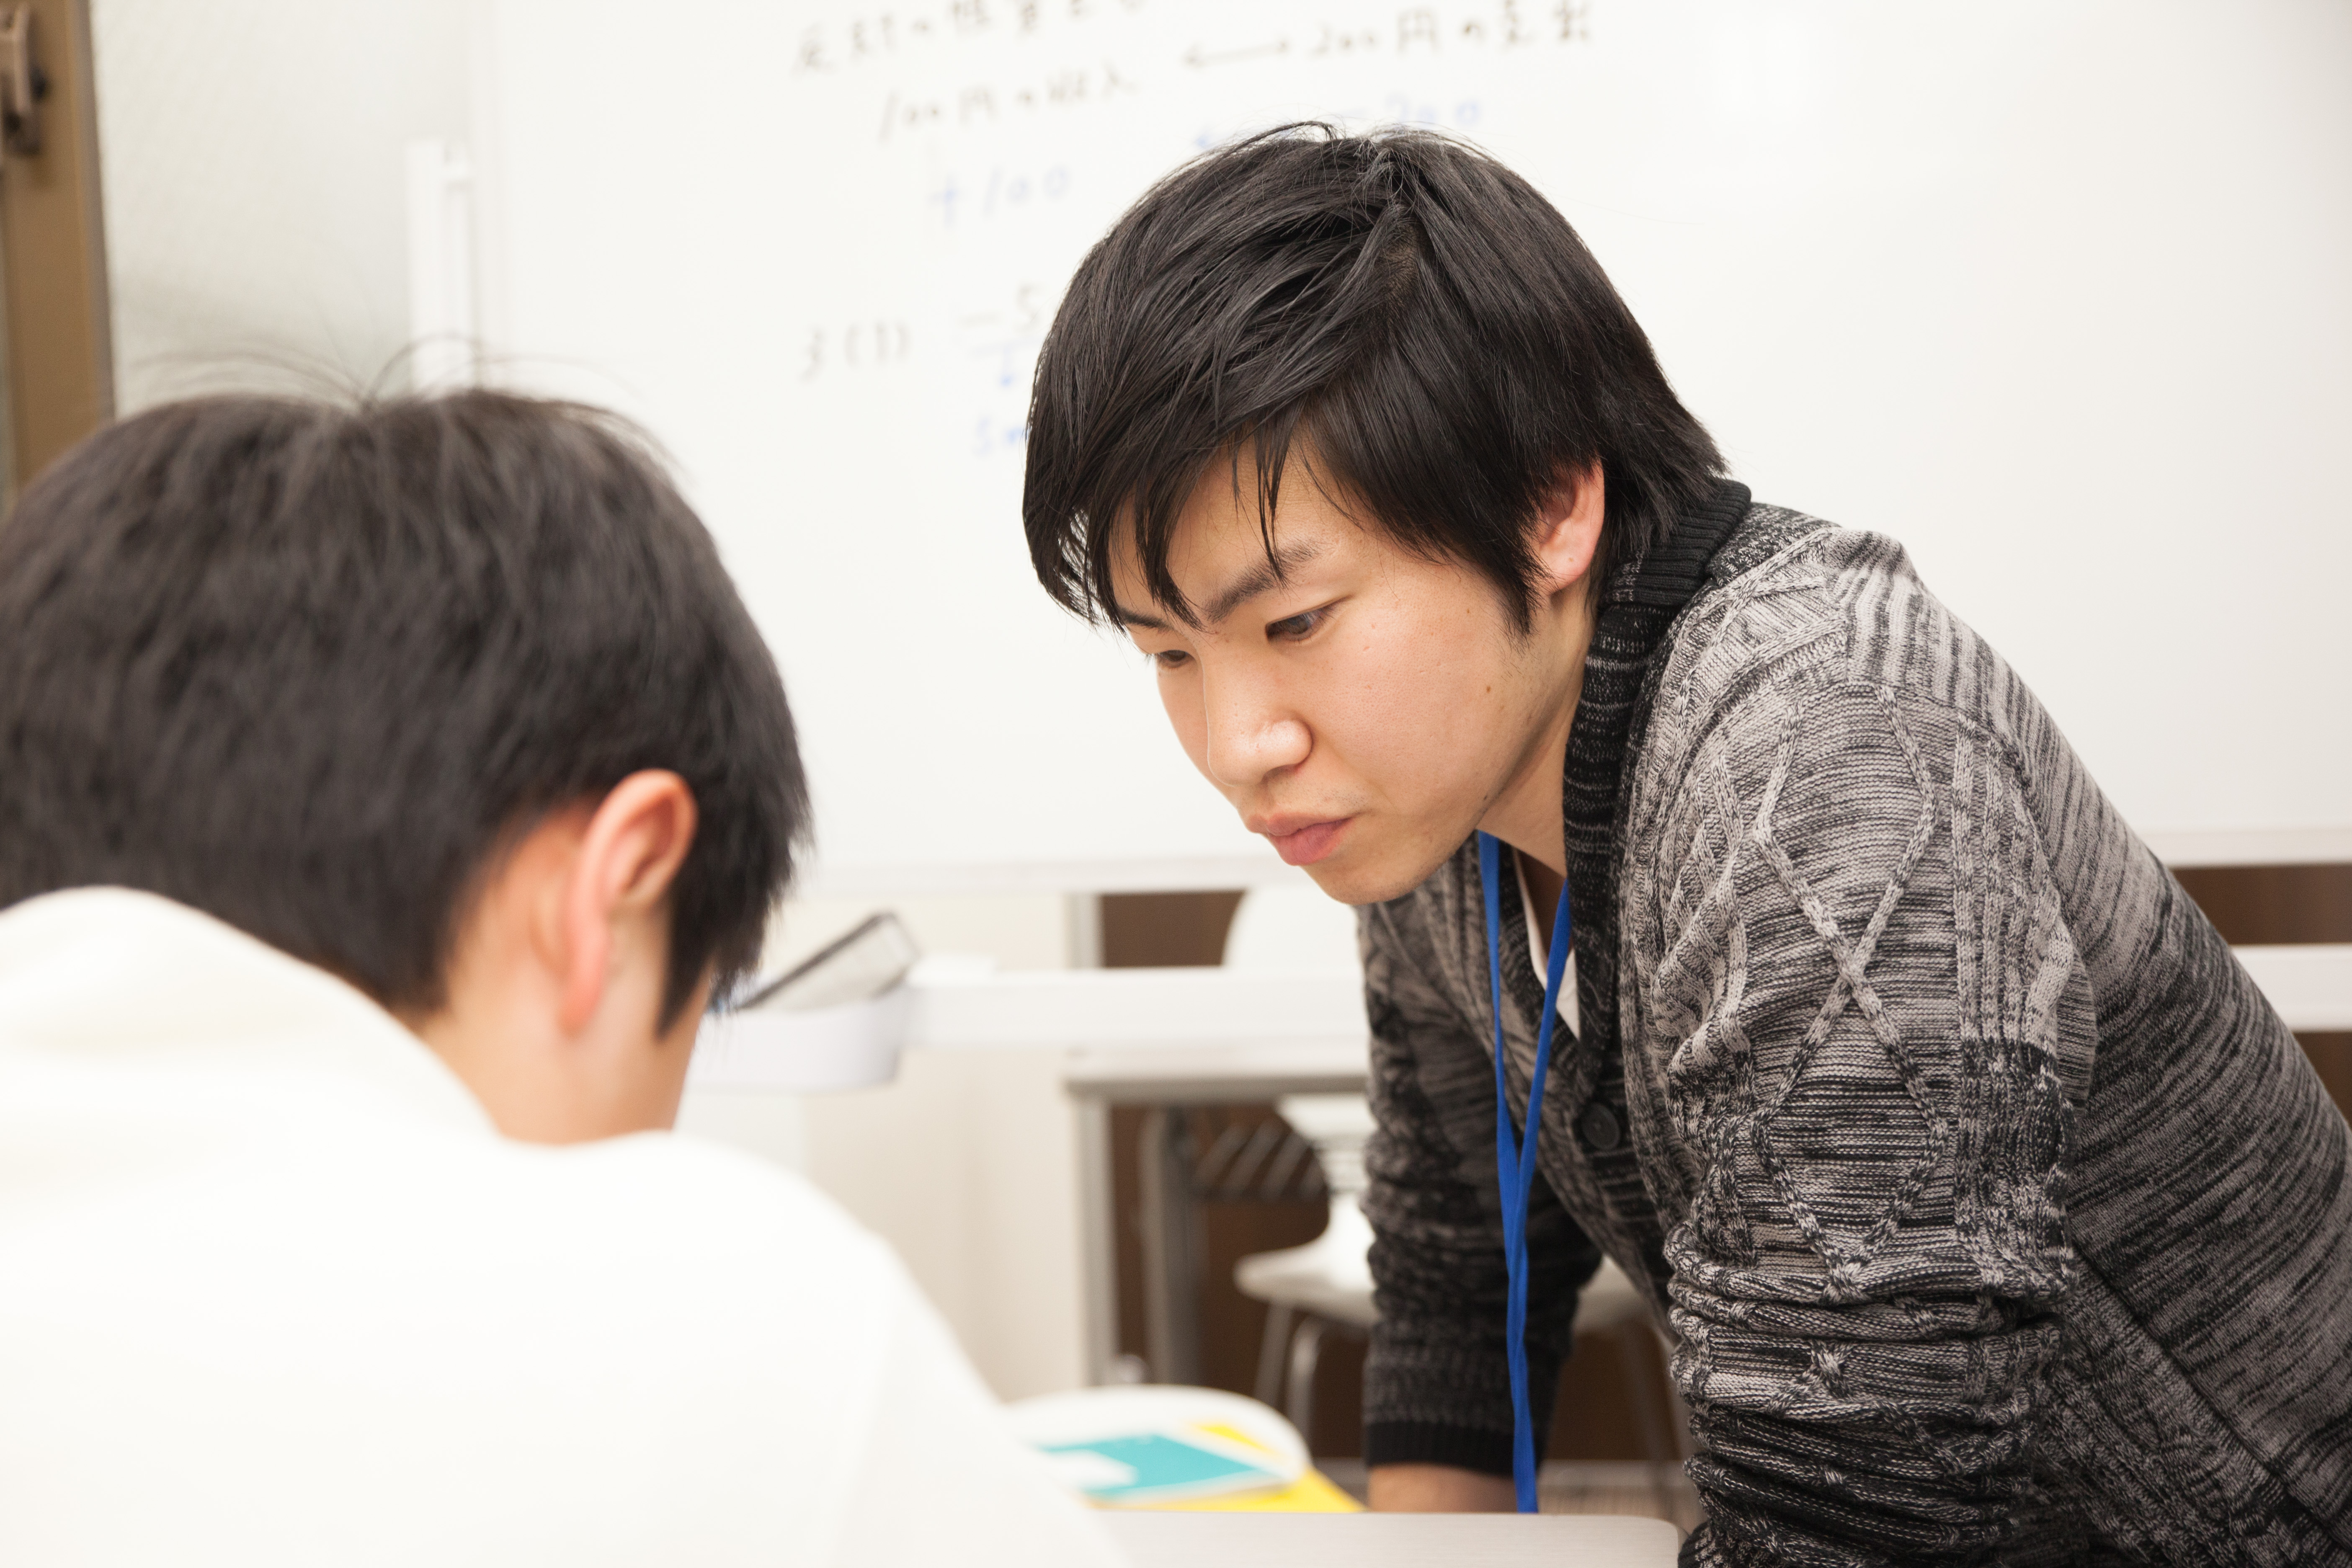 駒込・巣鴨・田端で個別指導塾を探すなら!TESTEAの春期講習会へ